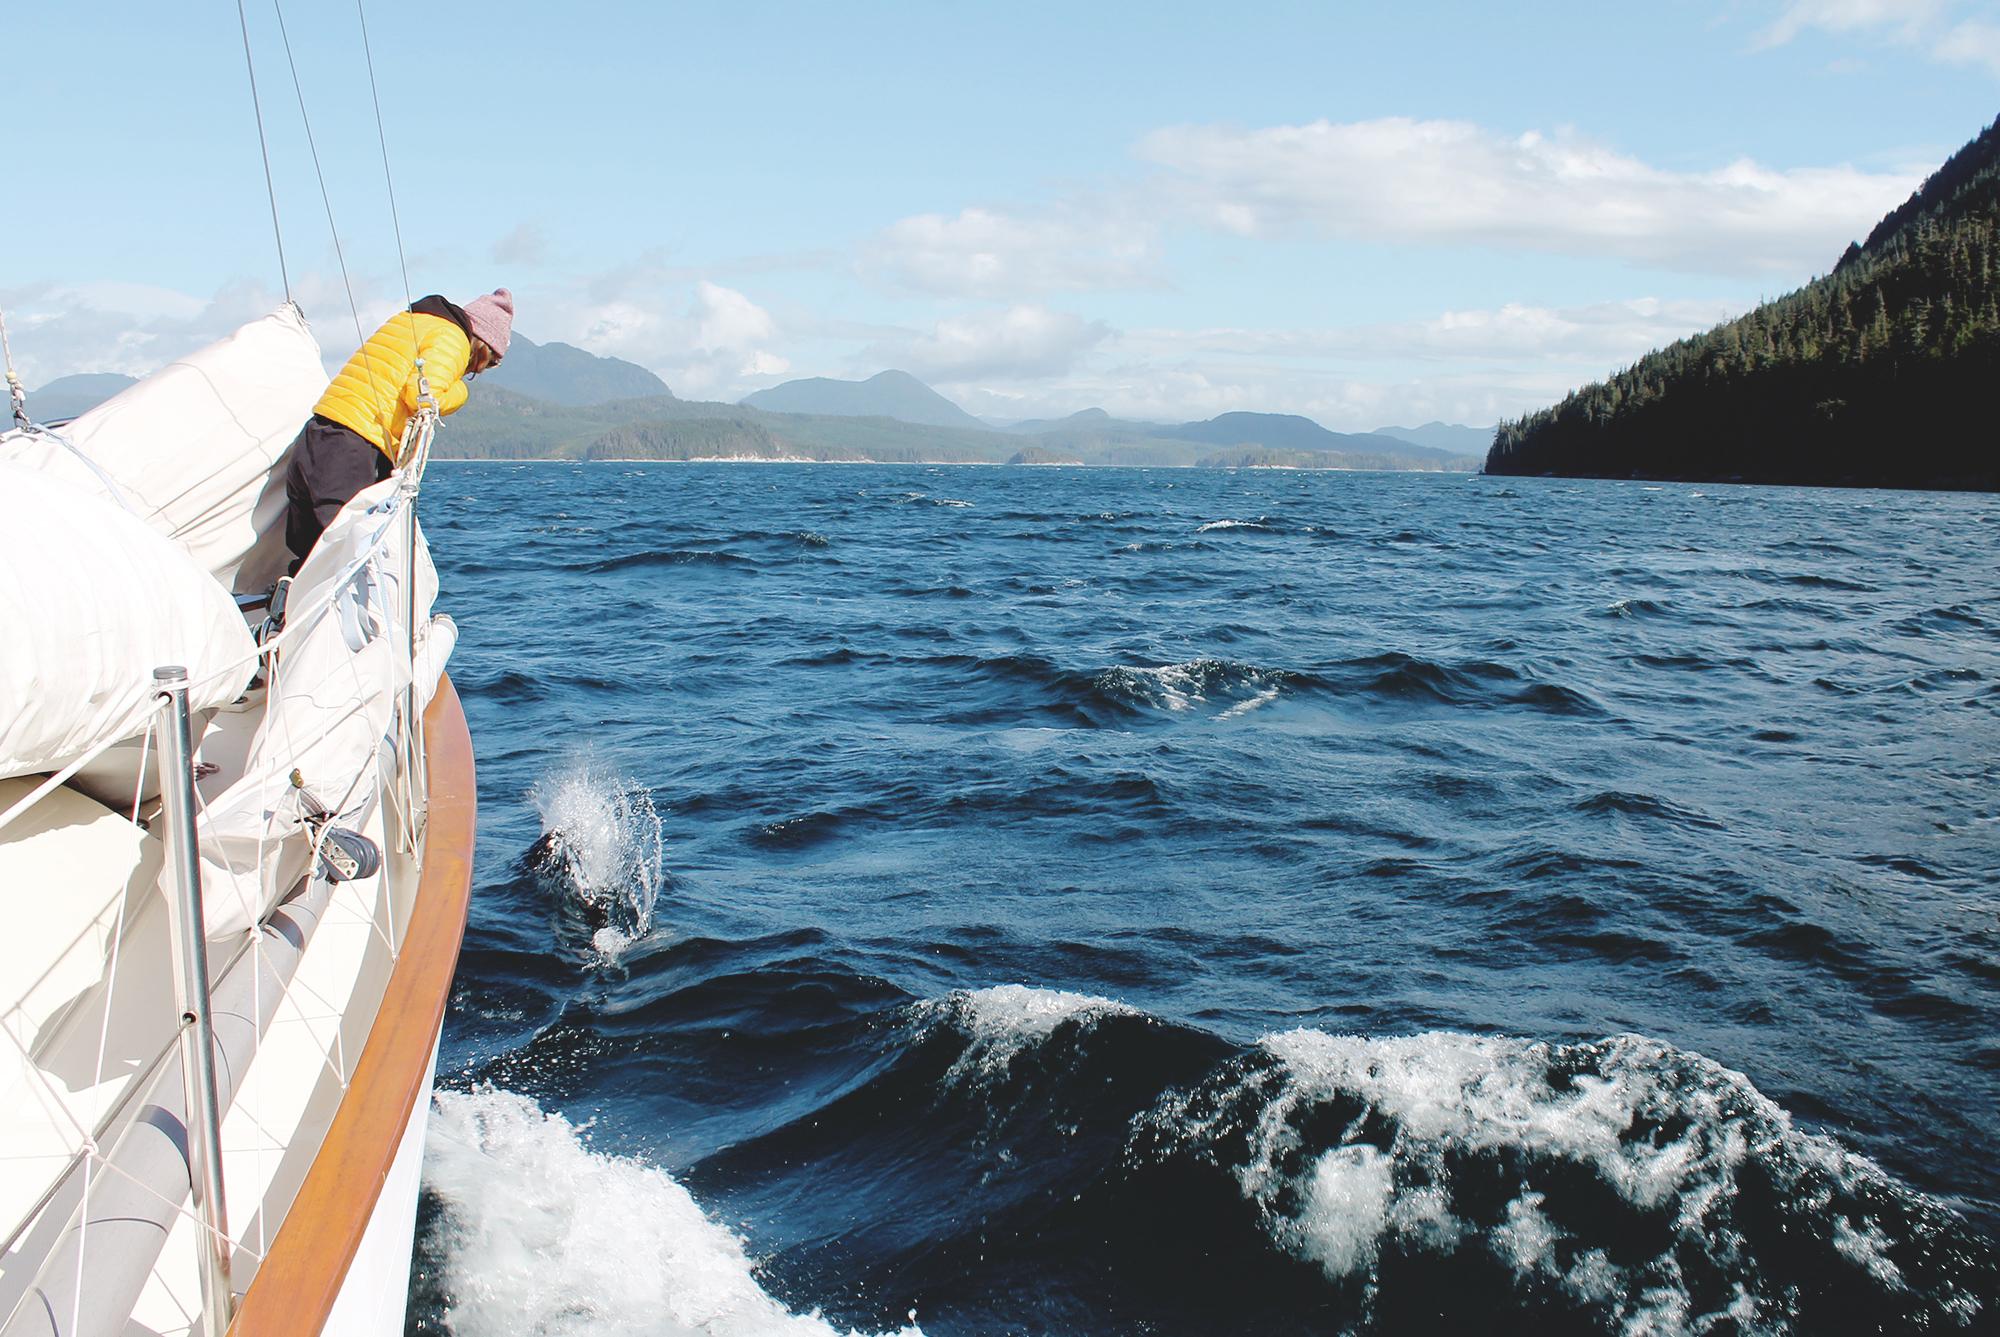 16.09.26.sail.17